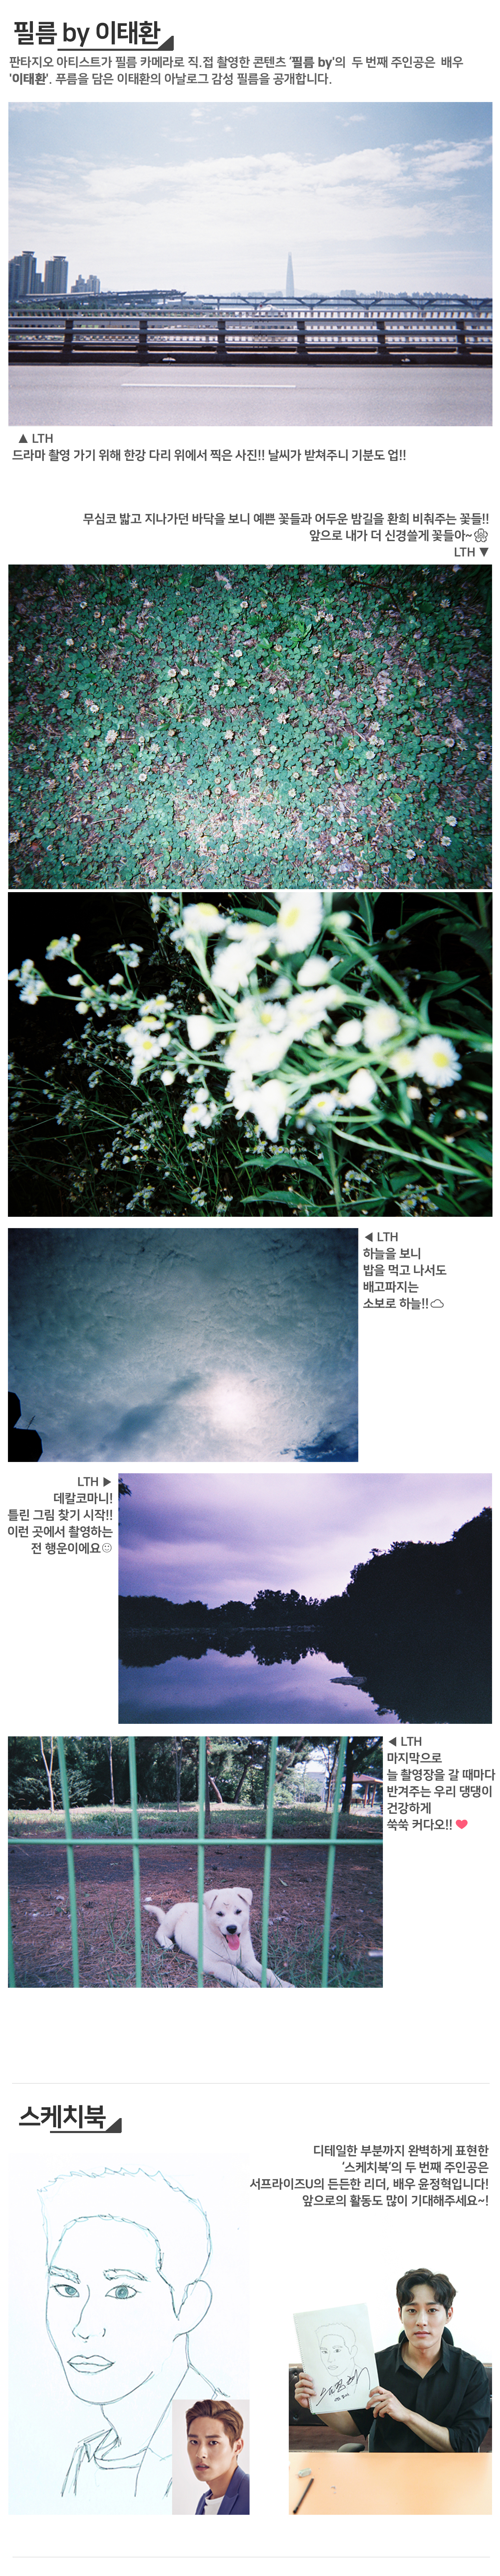 2018-7월호 왼쪽 콘텐츠 이미지